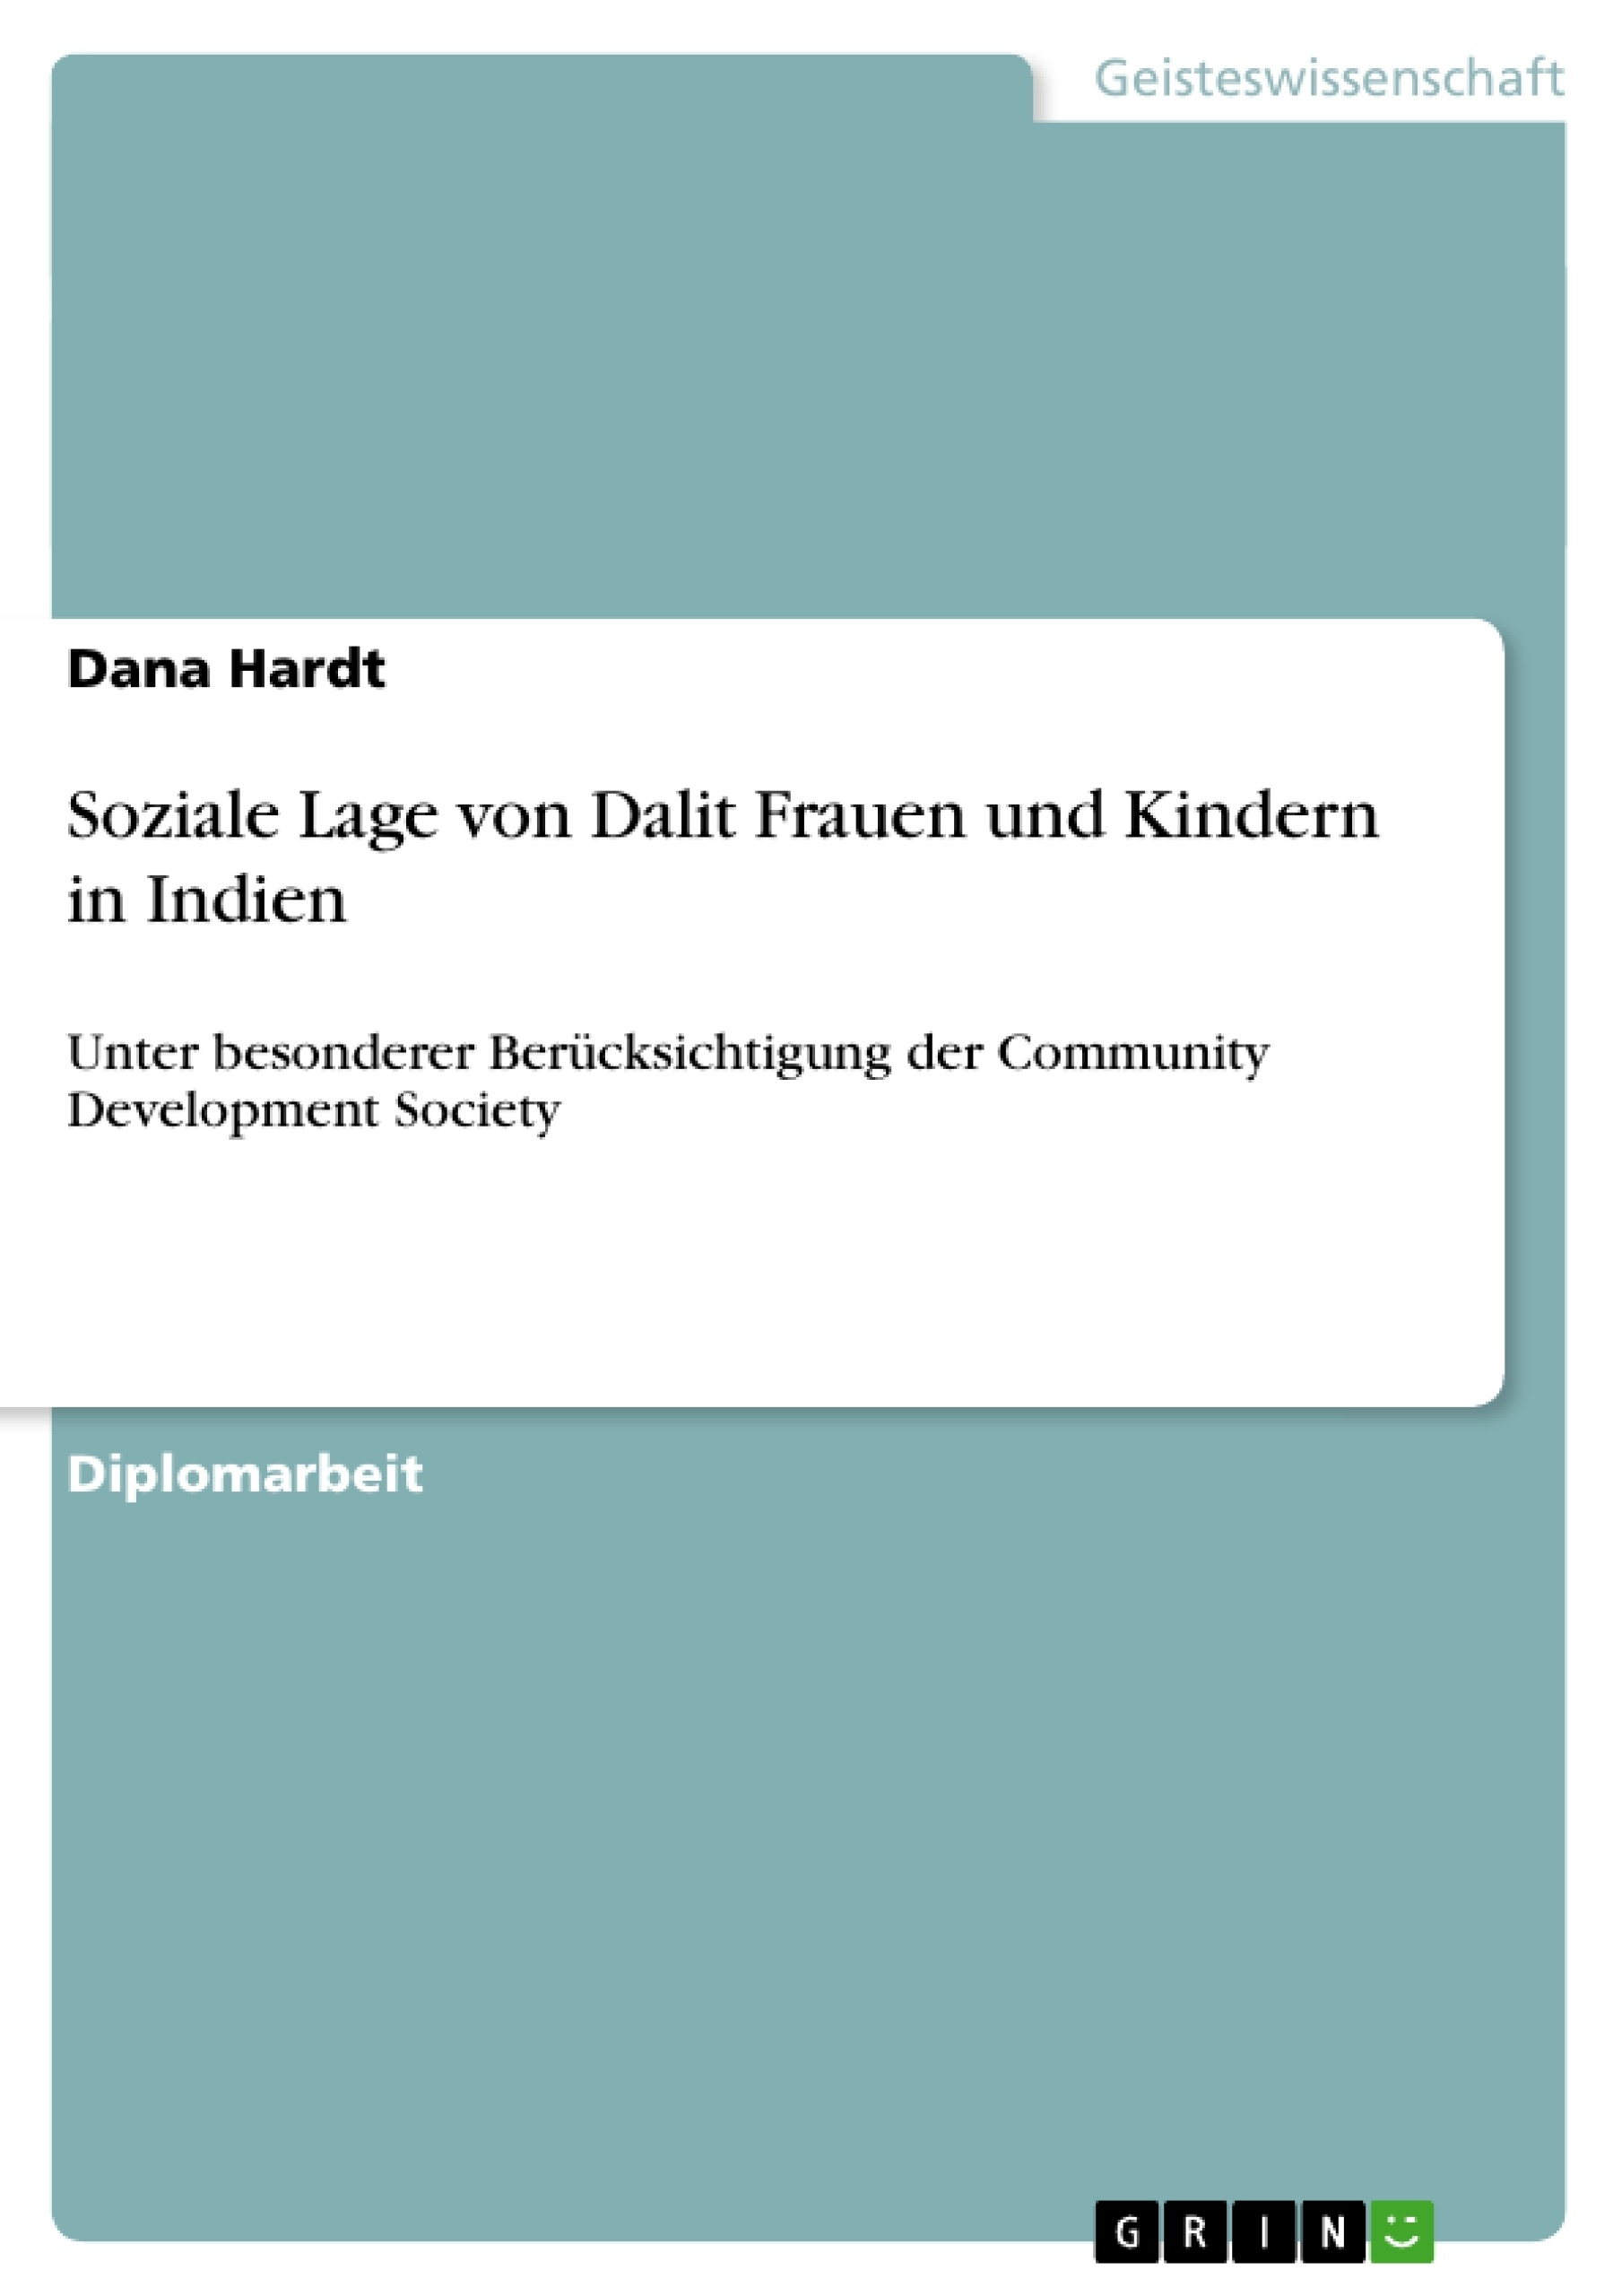 Titel: Soziale Lage von Dalit Frauen und Kindern in Indien